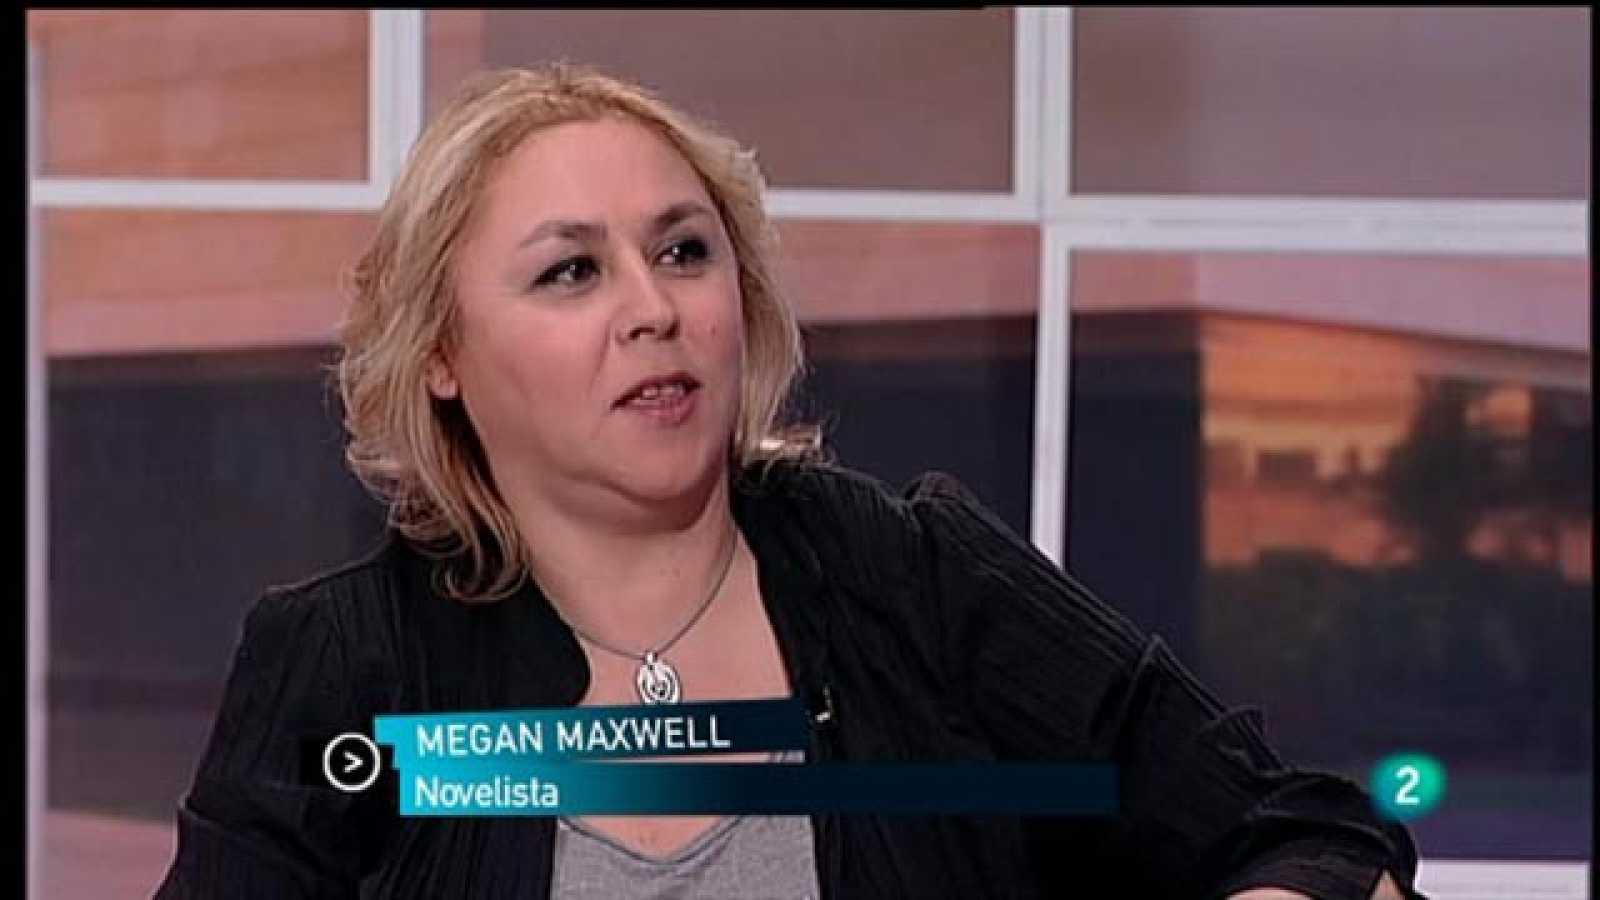 Para Todos La 2 - Entrevista: Megan Maxwell, literatura erótica